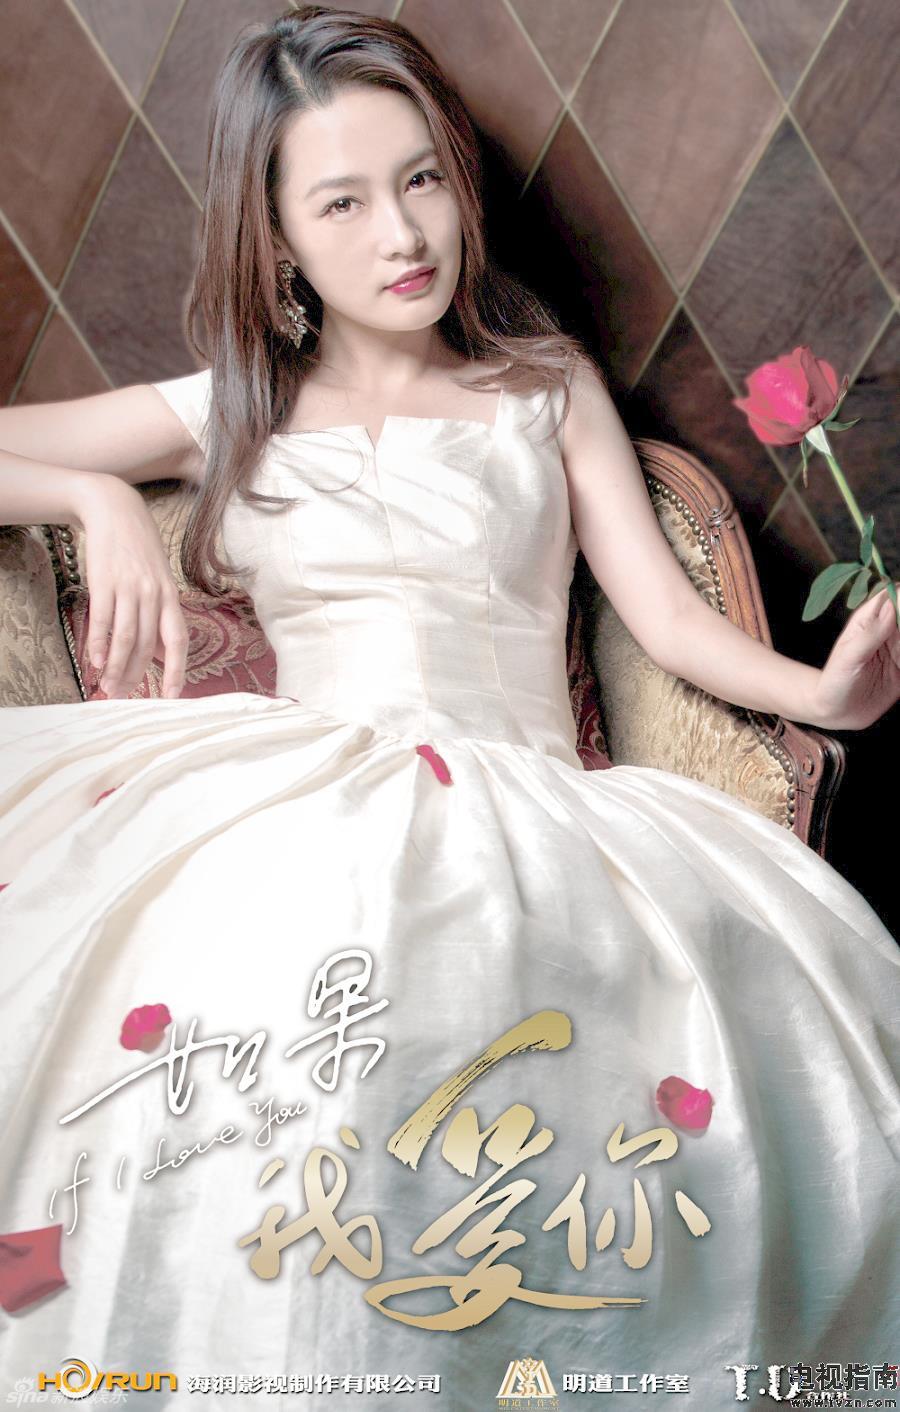 内地电视剧 如果我爱你  李沁--饰--安宁 乖巧可爱,心地善良的女孩